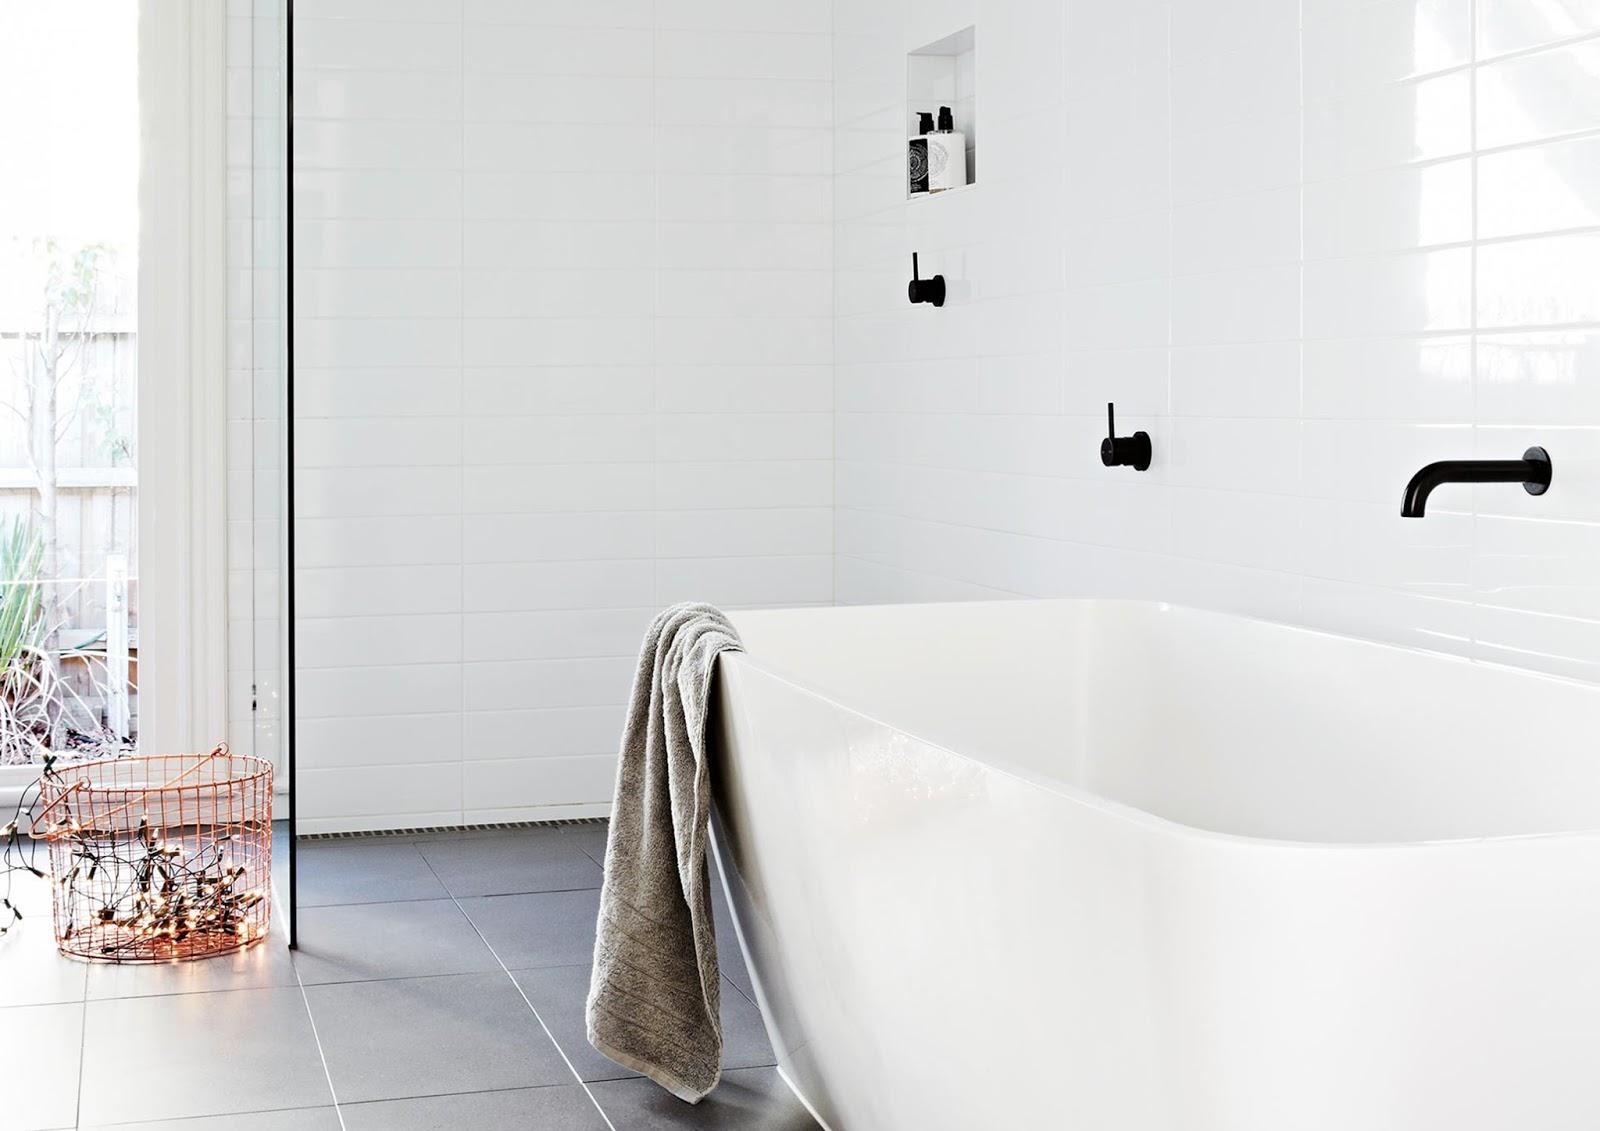 Nuove tendenze rubinetteria nera e minimale arc art - Nuove tendenze bagno ...